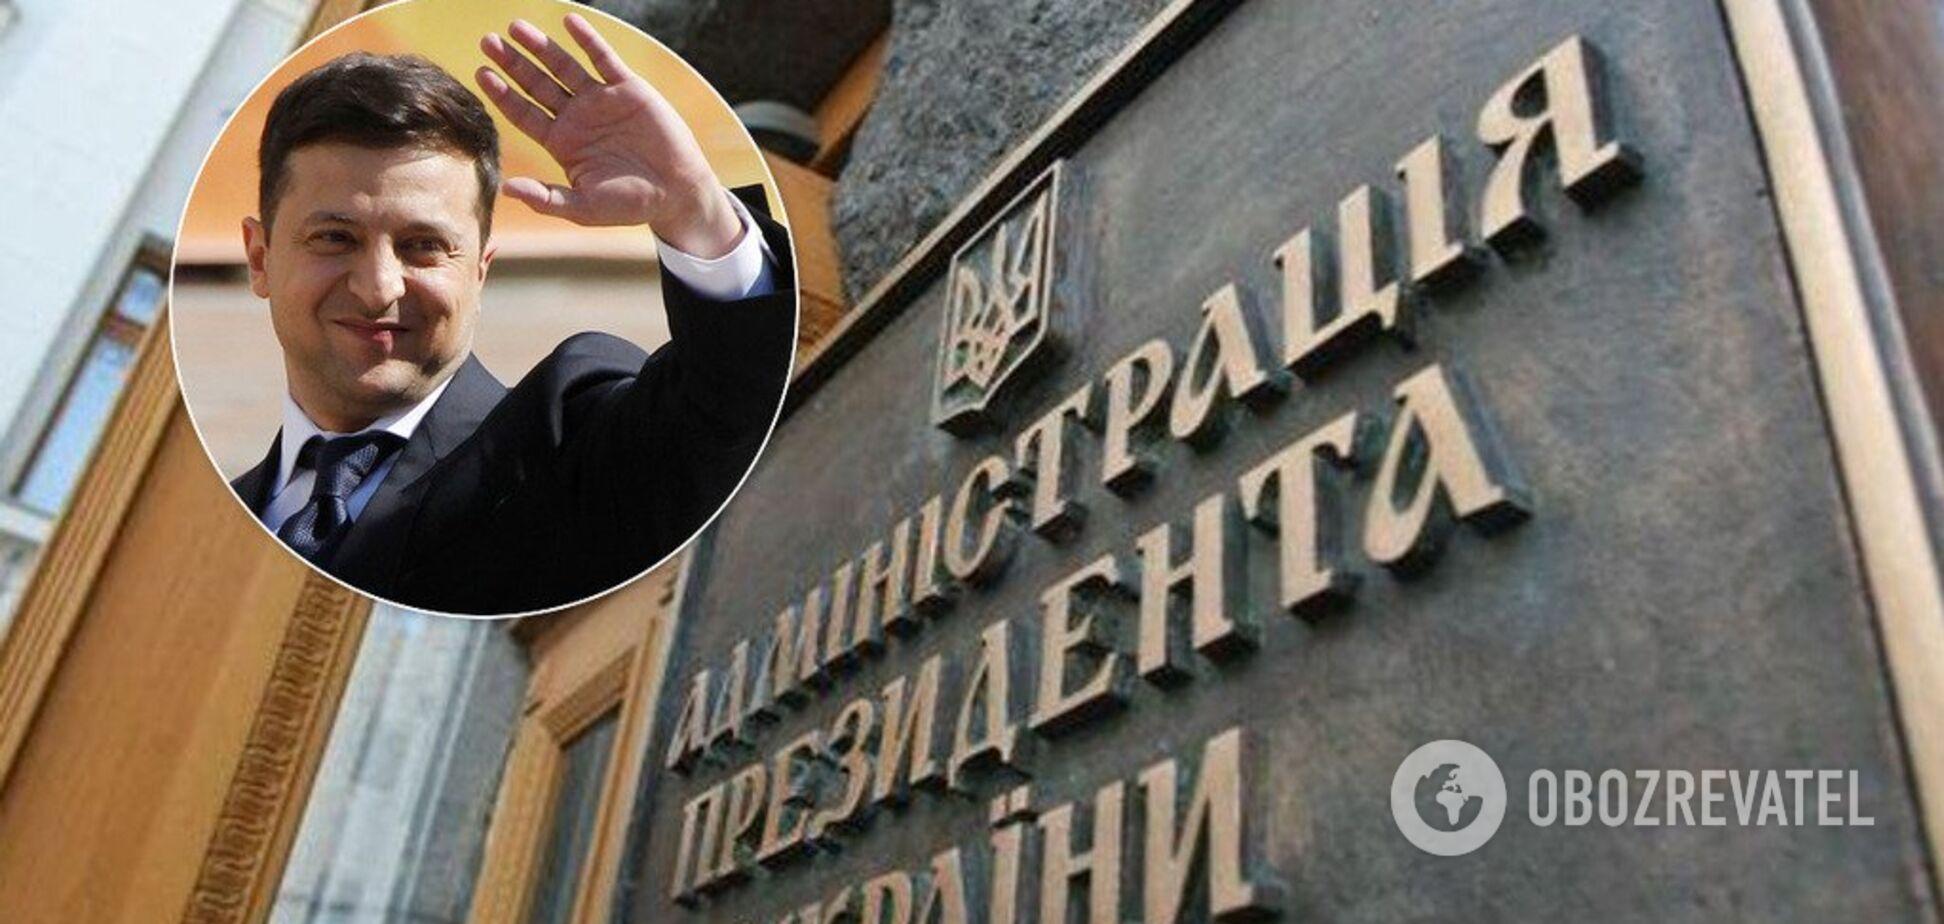 Стеклянные стены и место для протестов: Зеленскому представили новую АП со 'спецэффектами'